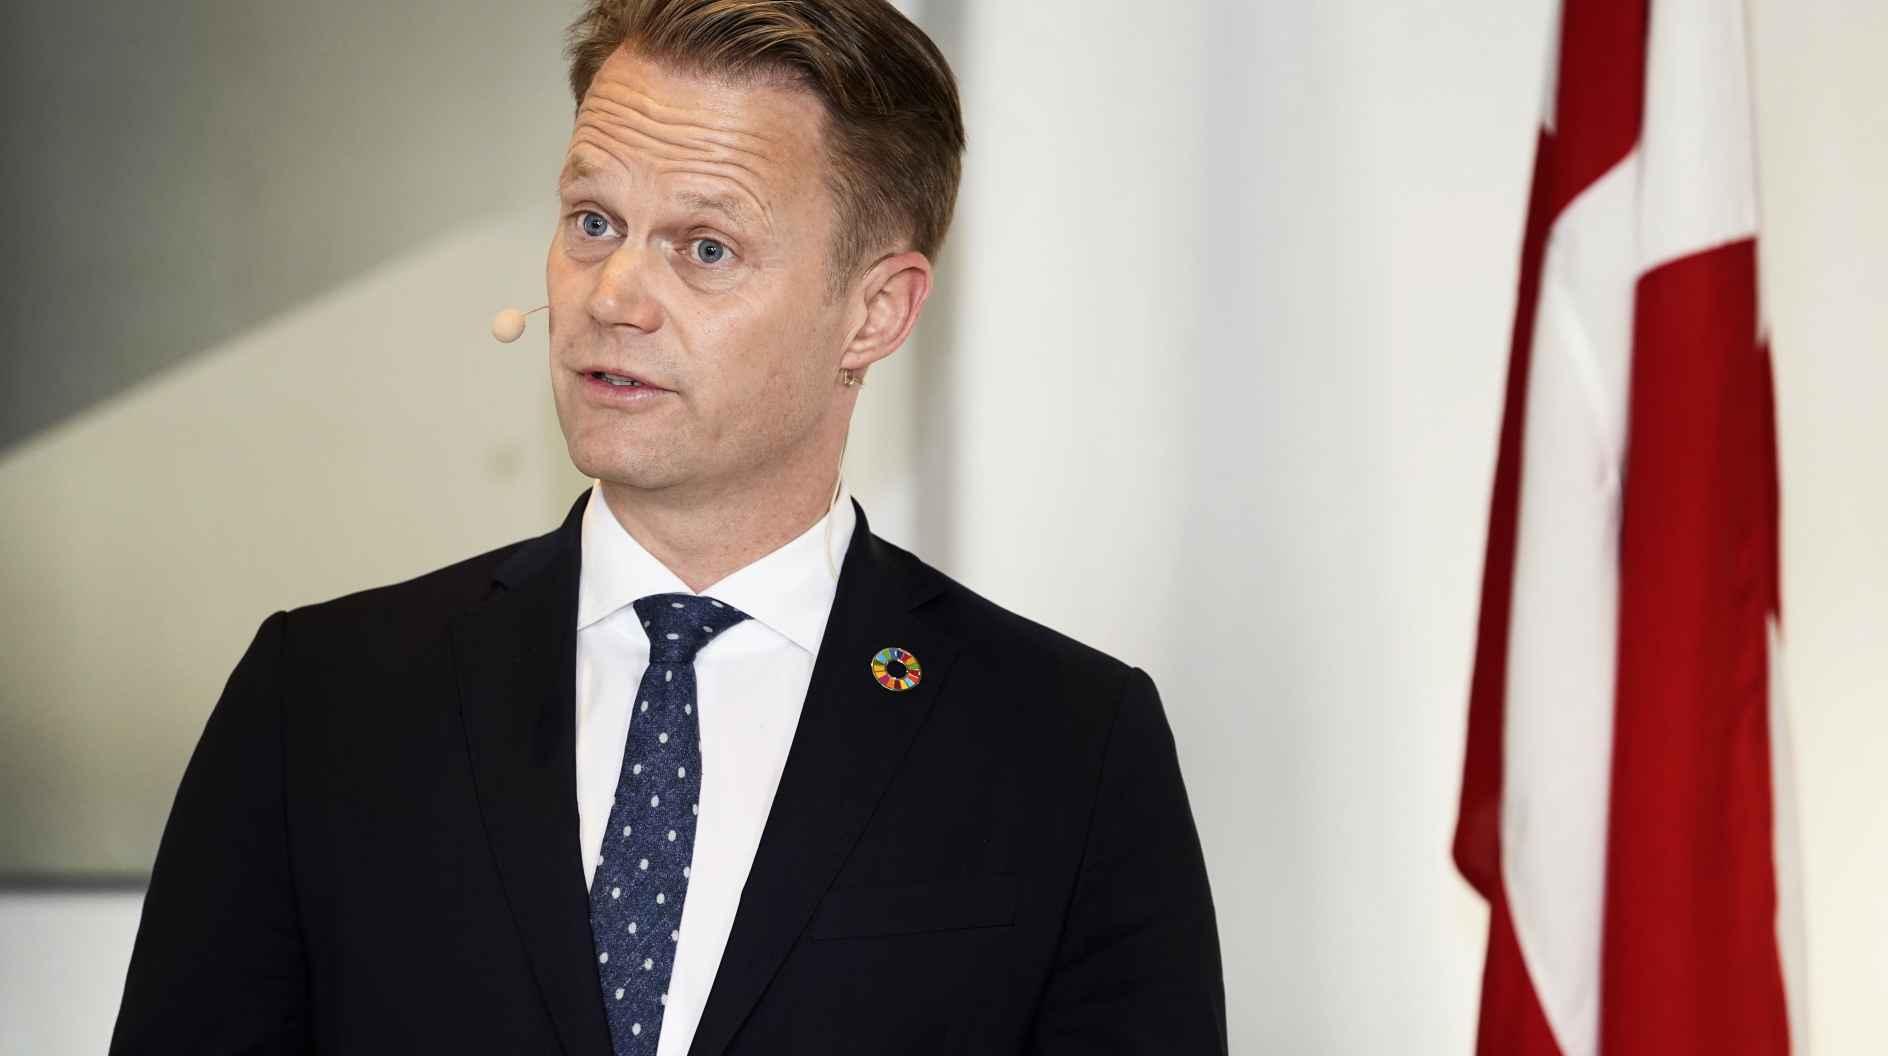 danemark Le ministre danois des Affaires étrangères, Jeppe Kofod